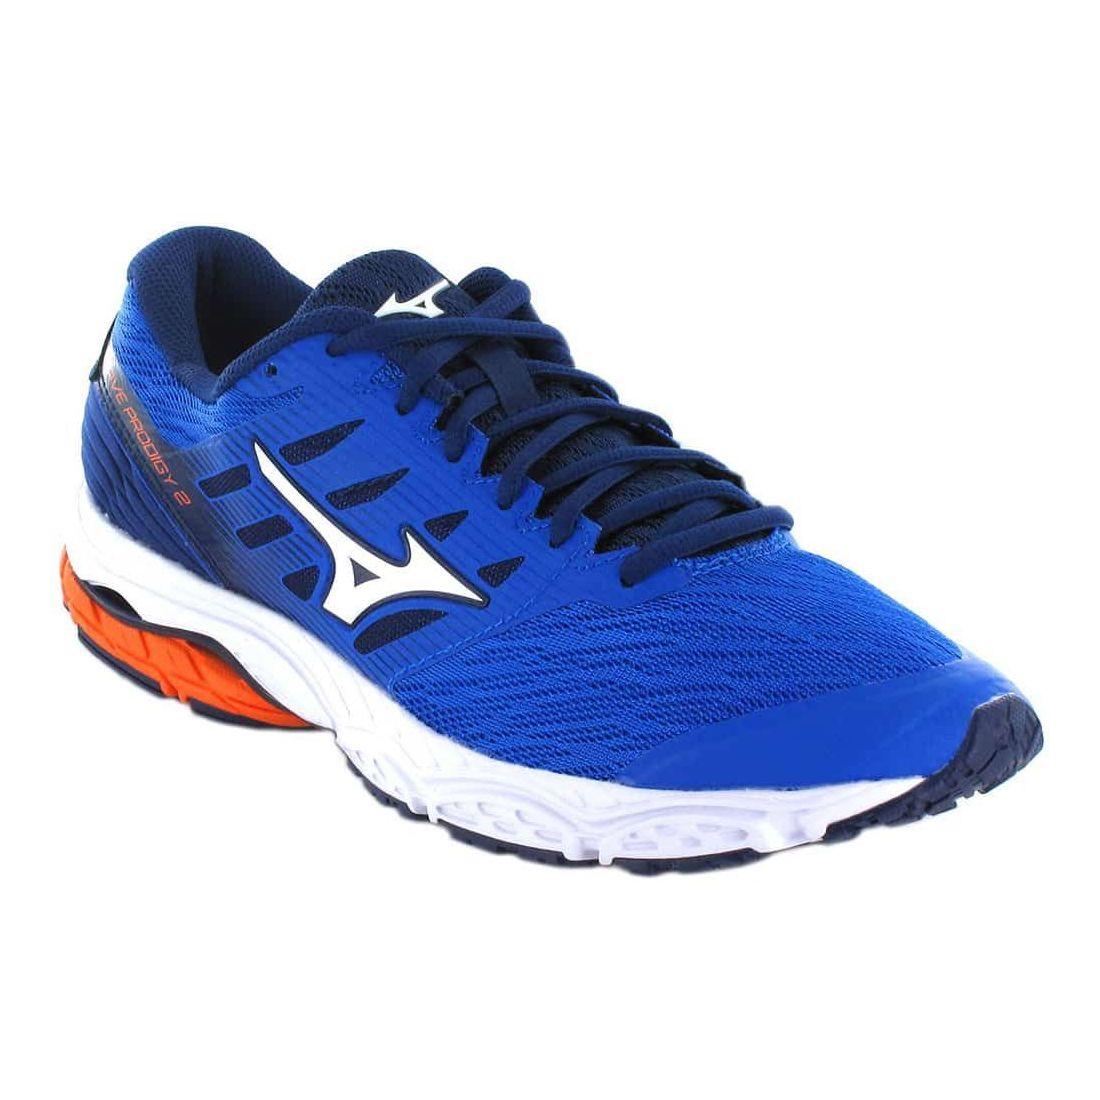 Mizuno Wave Prodigy 2 Azul - Zapatillas Running Hombre